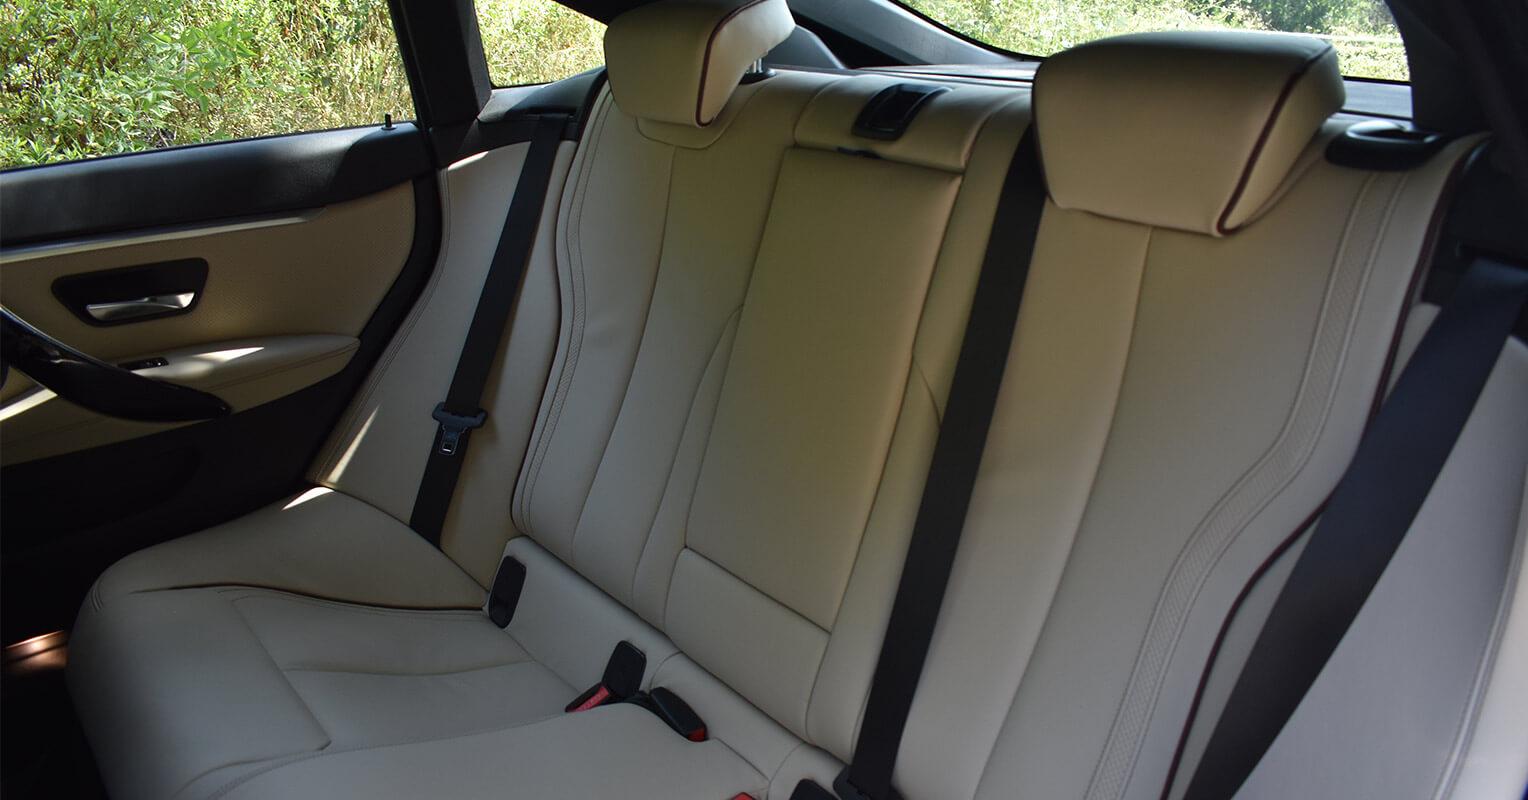 Asientos traseros del BMW Serie 4 Gran Coupé